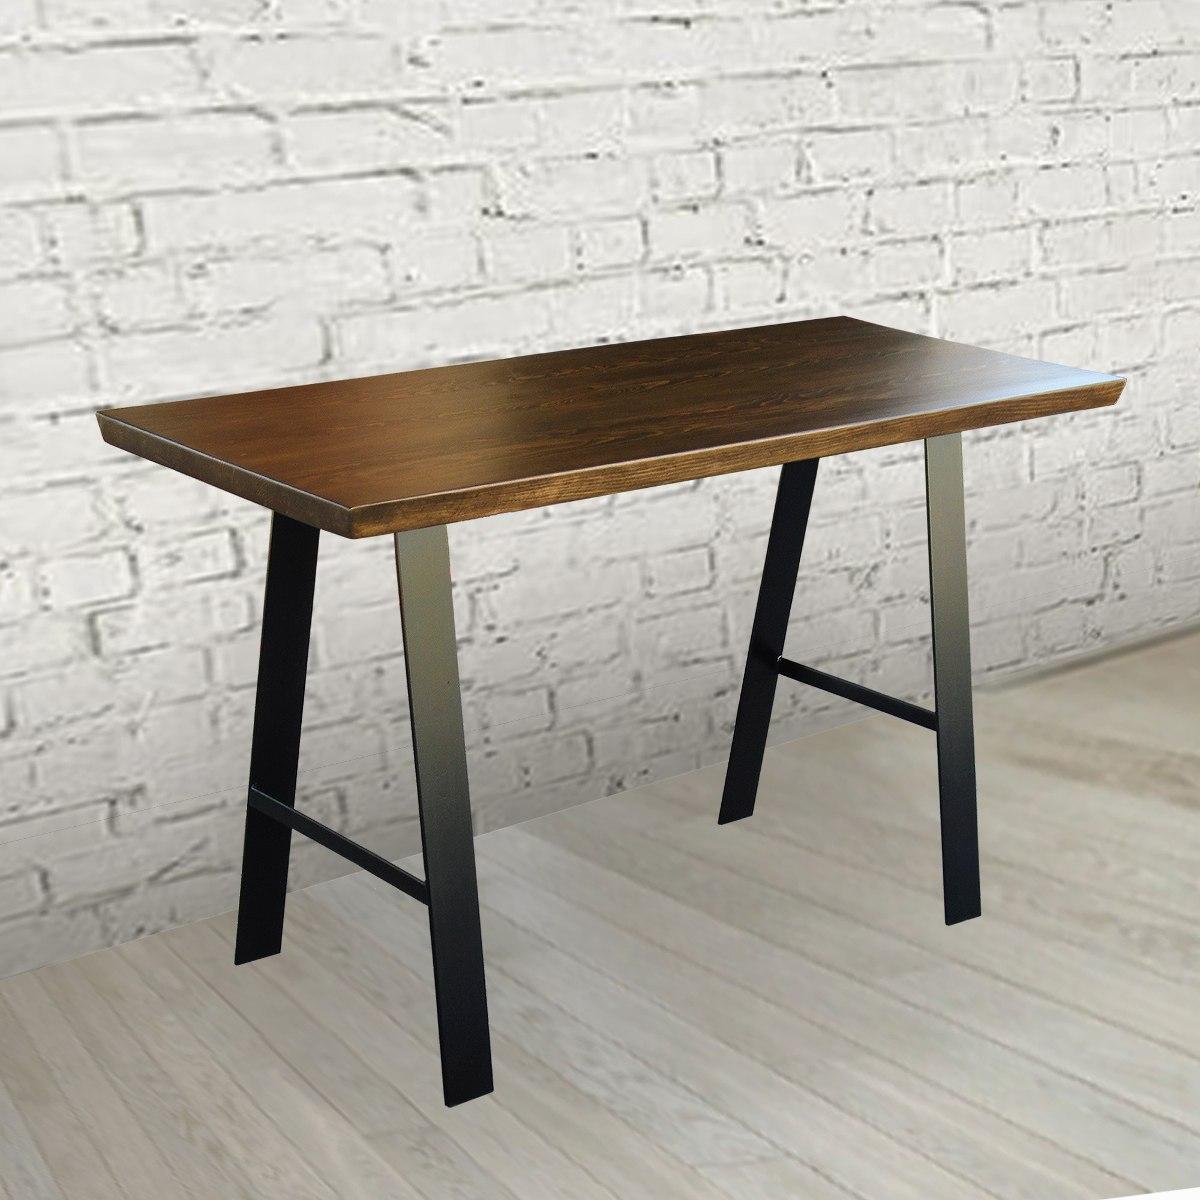 Escritorio minimalista fs estudio color nogal mesa - Escritorio estudio ...